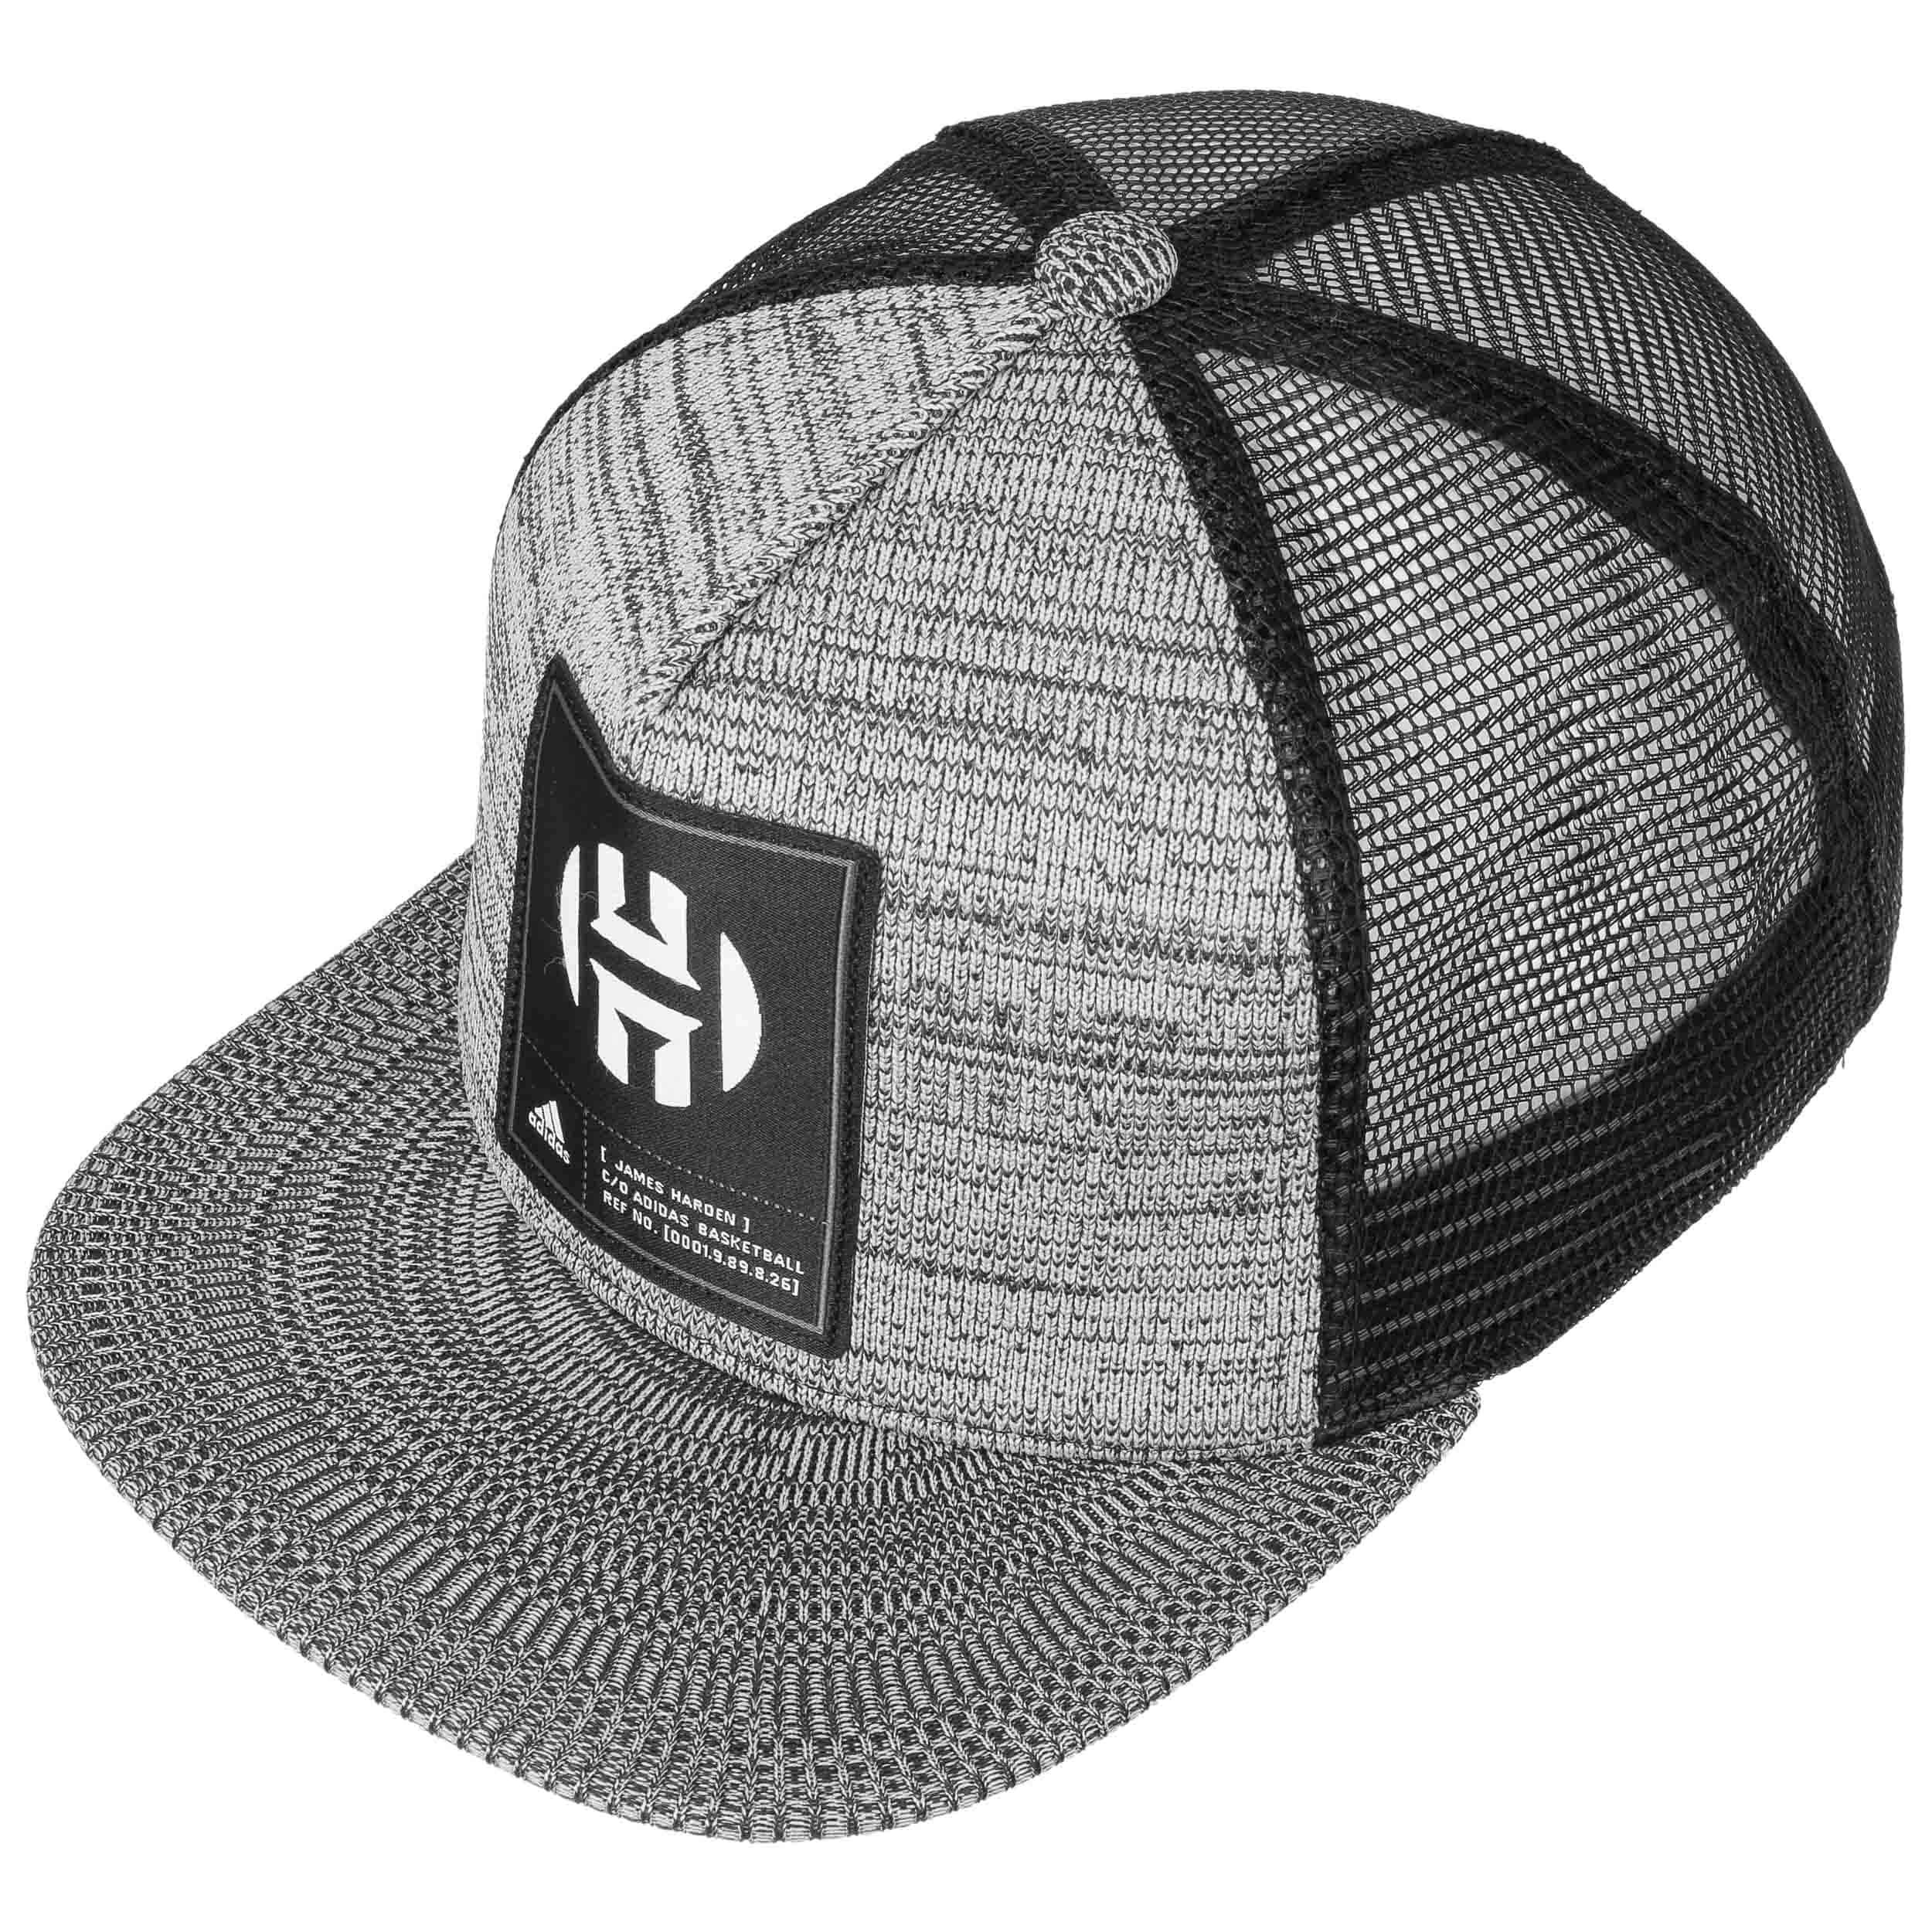 Acquista cappello adidas trucker - OFF70% sconti 79b67a83db83